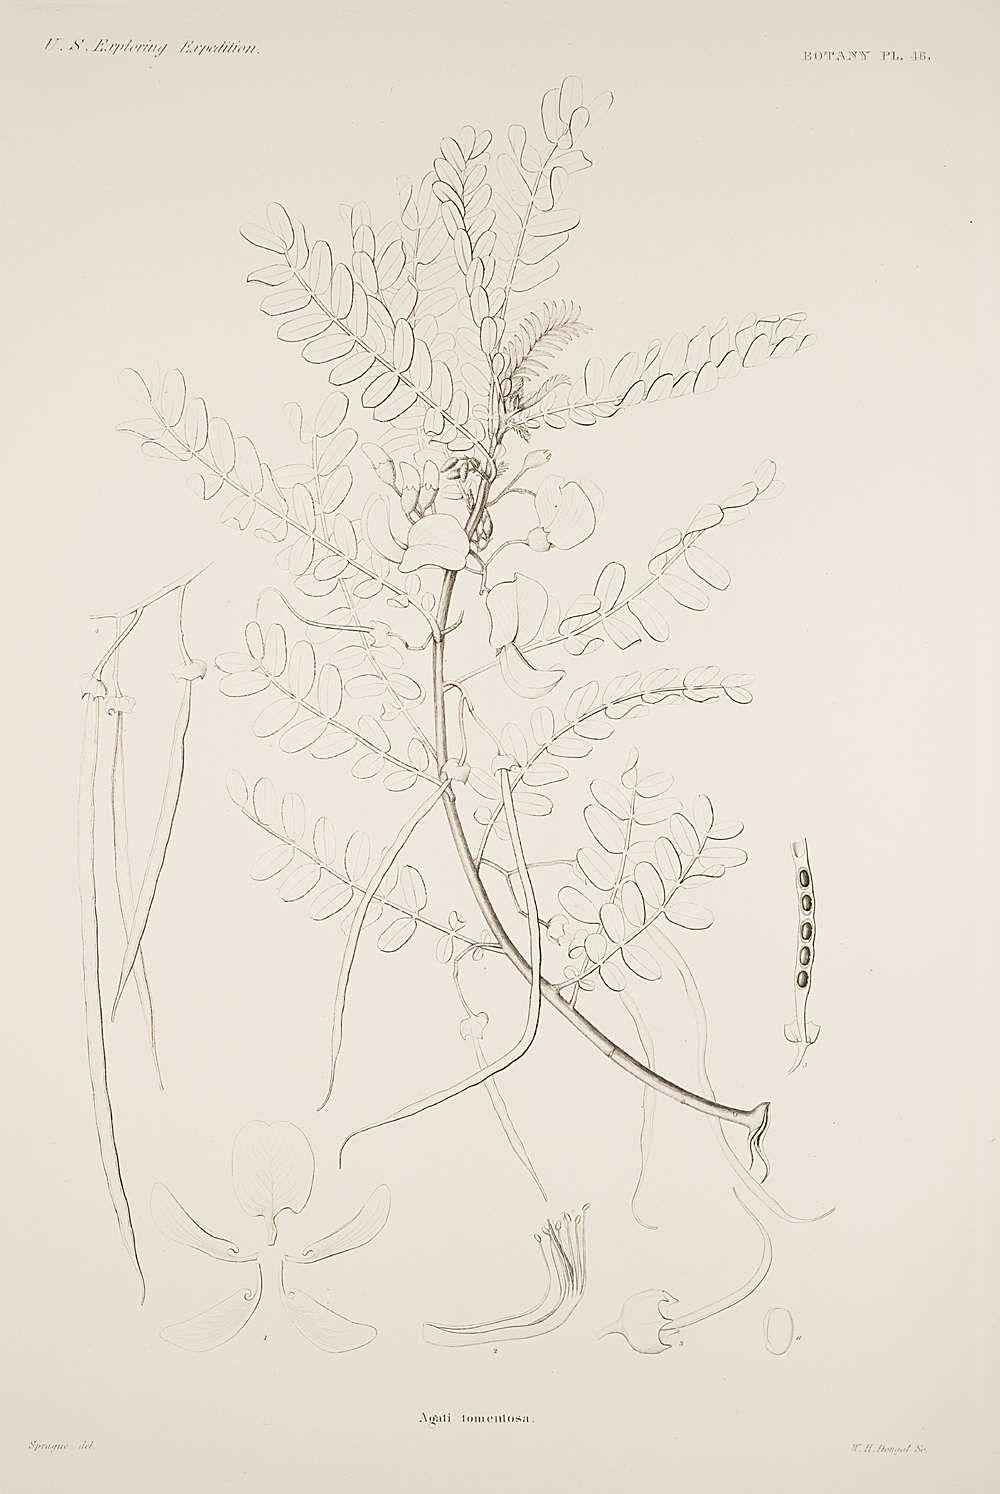 Botany, Pl. 46,  Image number:sil19-23-103b